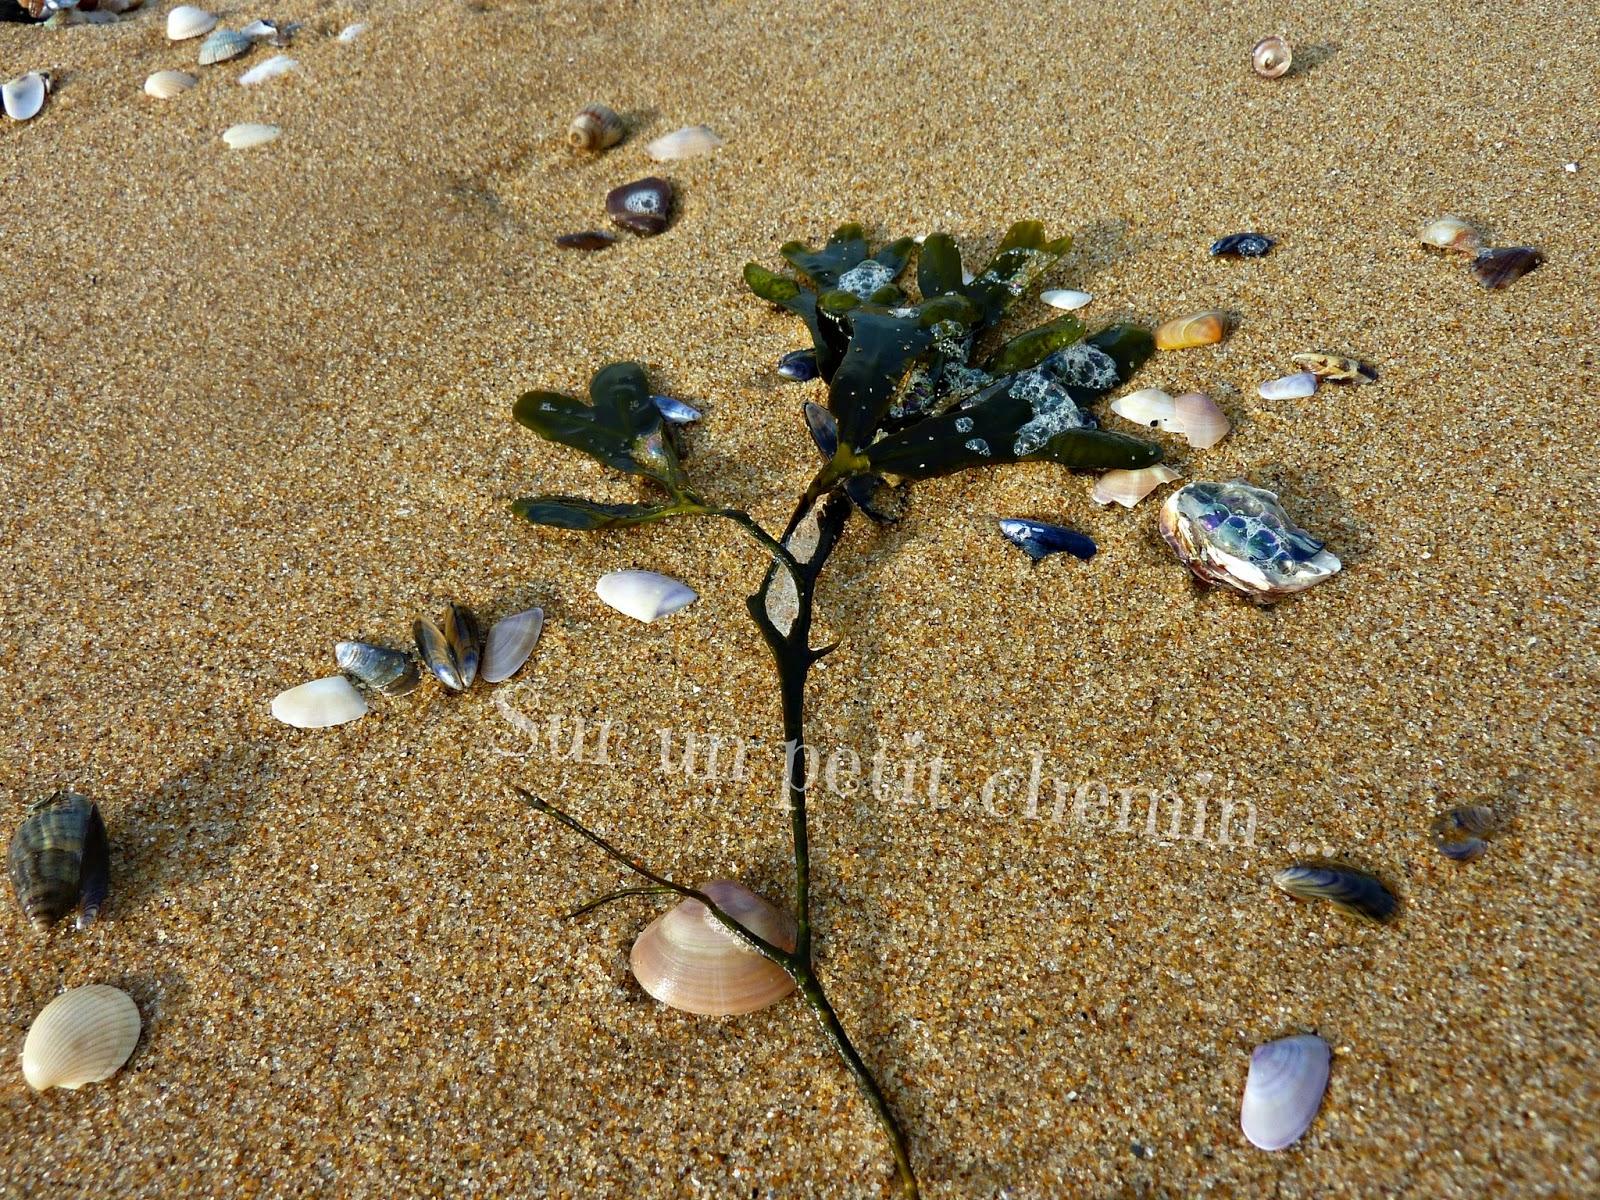 Algues et coquillages - Grande Plage de Saint Gilles Croix-de-Vie en Vendée